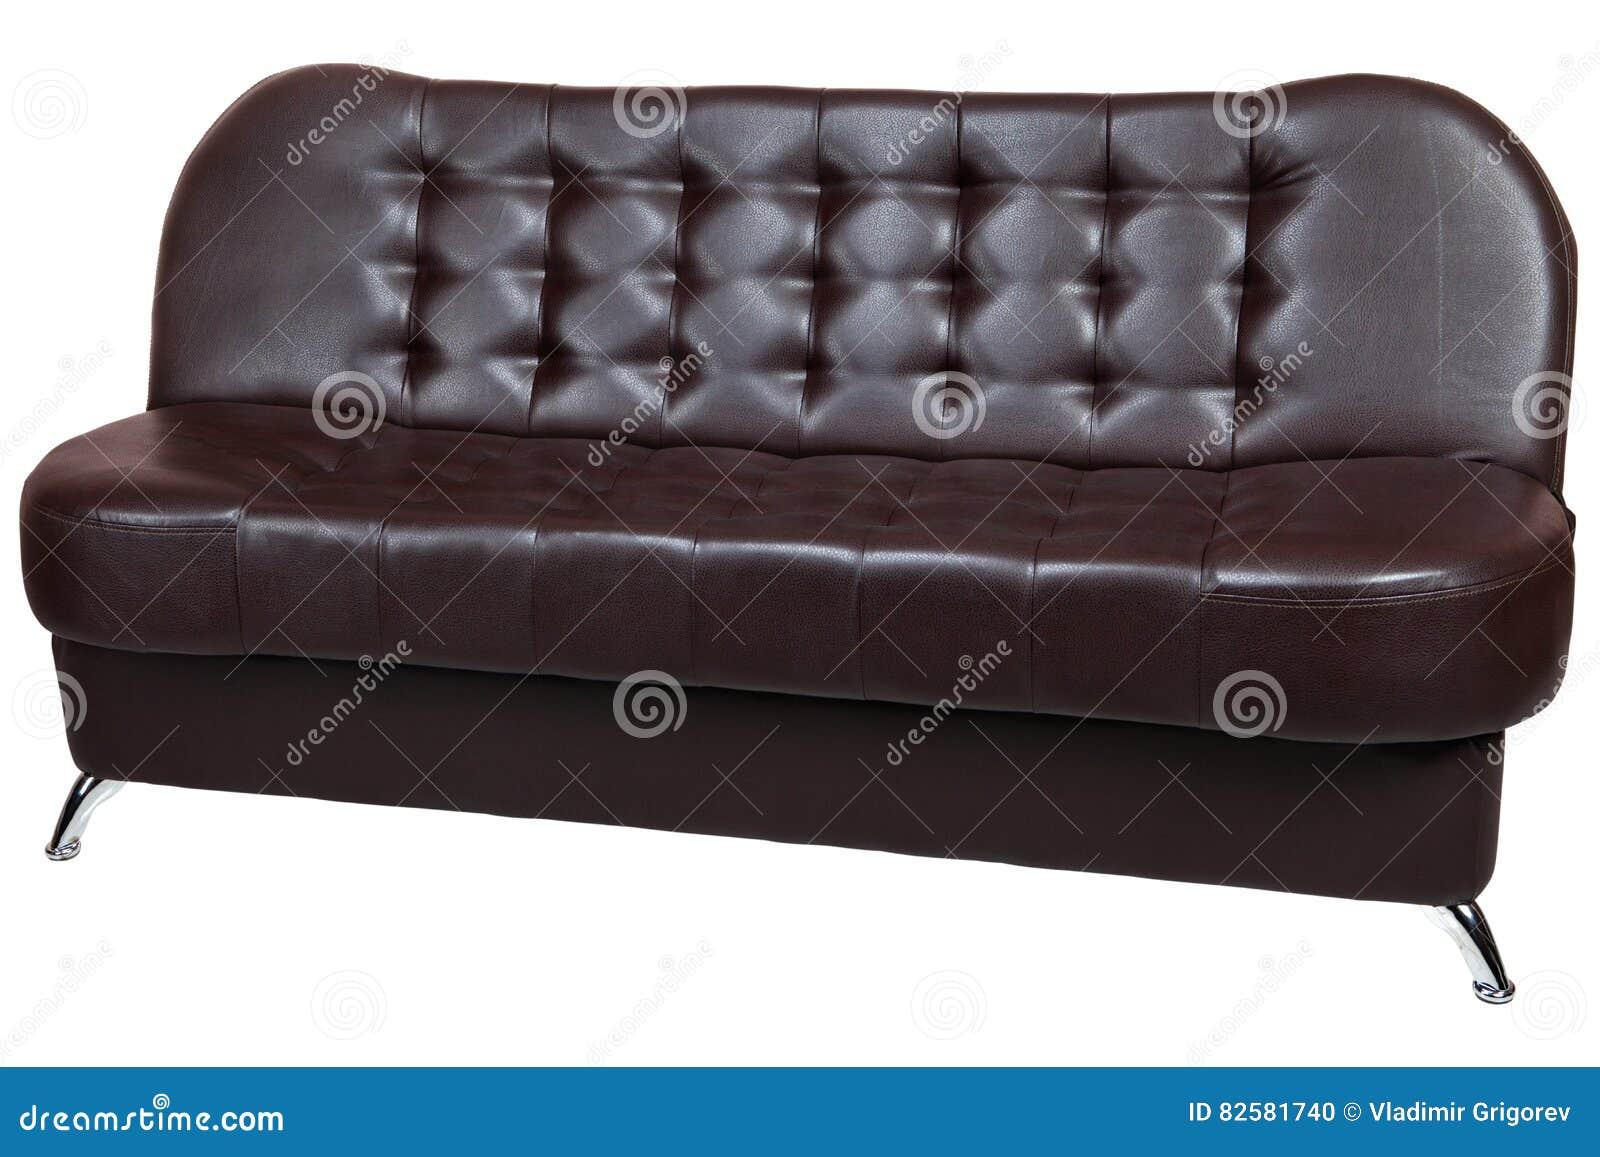 Sofa Brun Avec Convertible Faux La De Bed Foncé Leather Couleur IYf6yb7vg